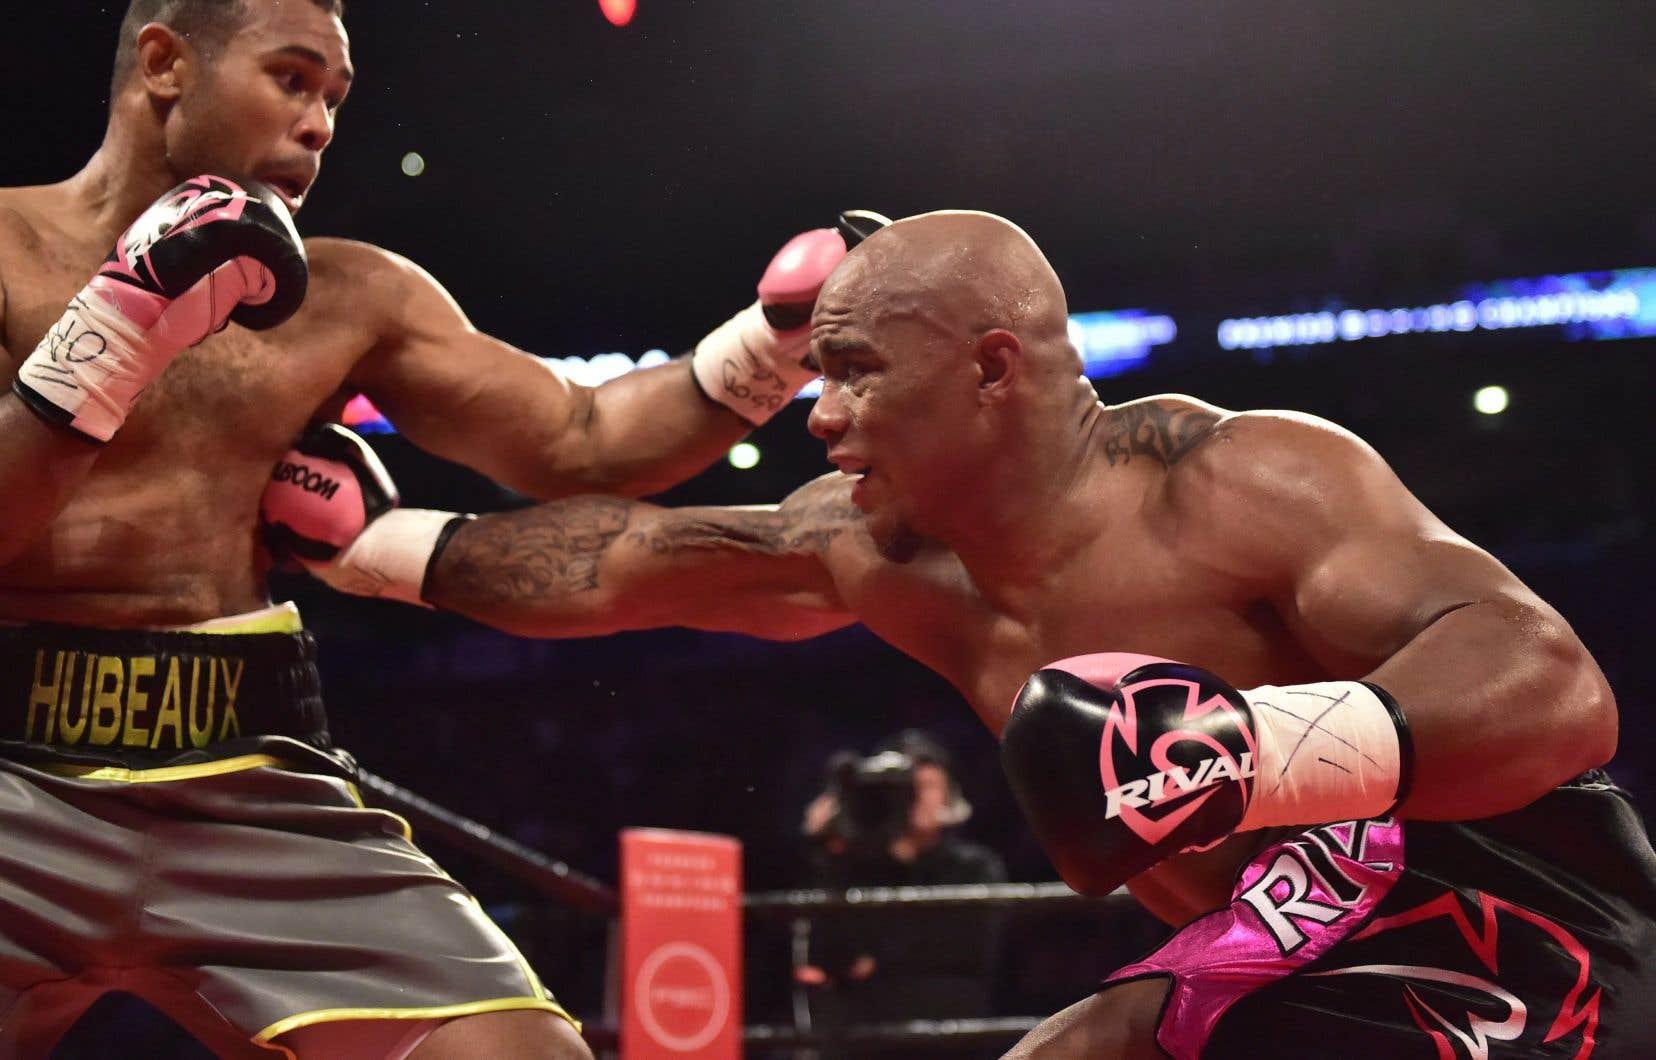 Le super-lourd-léger Oscar Rivas (à droite) affrontera Sylvera Louis en finale dans un combat de huit rounds.